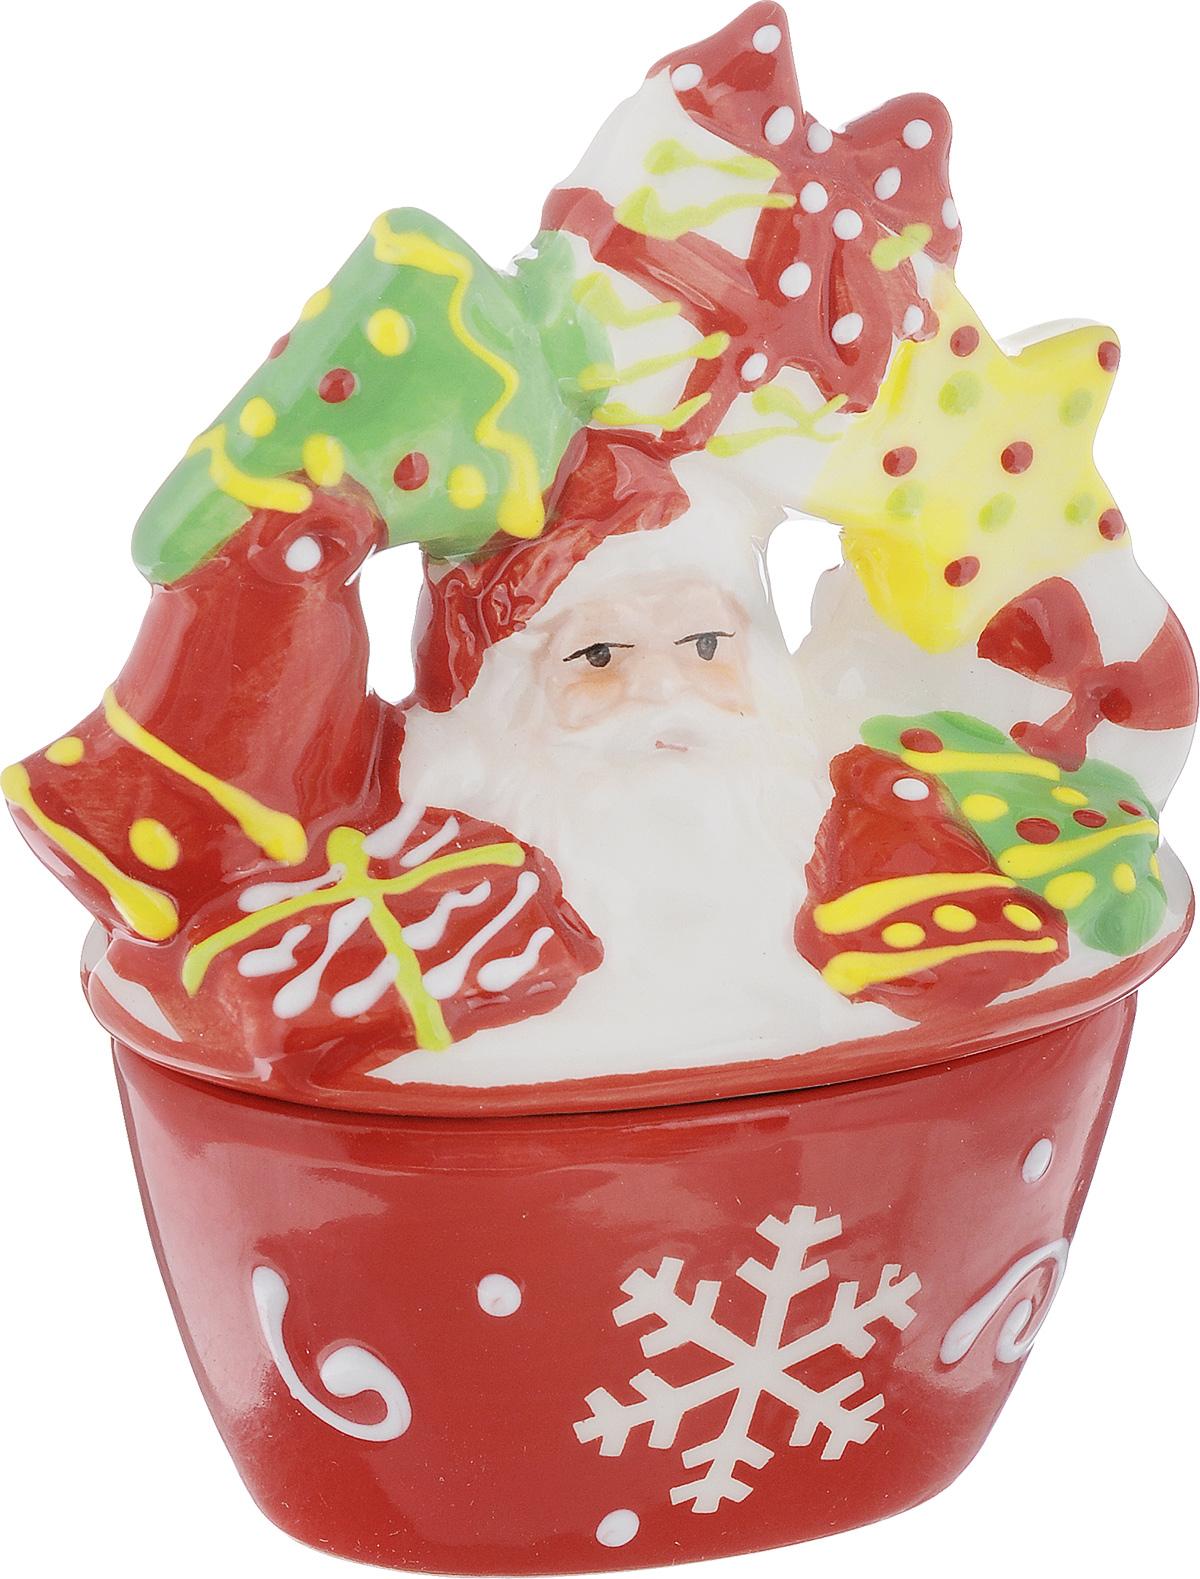 Конфетница House & Holder, с крышкой, 9 х 5 х 11 смYM116017-4Конфетница House & Holder выполнена извысококачественной керамики, оснащена крышкойс изображение Деда Мороза с подарками. Изделиеоформлено в новогоднем стиле. Конфетница оригинально украсит ваш стол иподчеркнет изысканный вкус хозяйки.Размер конфетницы (без учета крышки): 7,3 х 4,7х 4 см.Размер конфетницы (с учетом крышки): 19,5 х 14 х20,5 см.